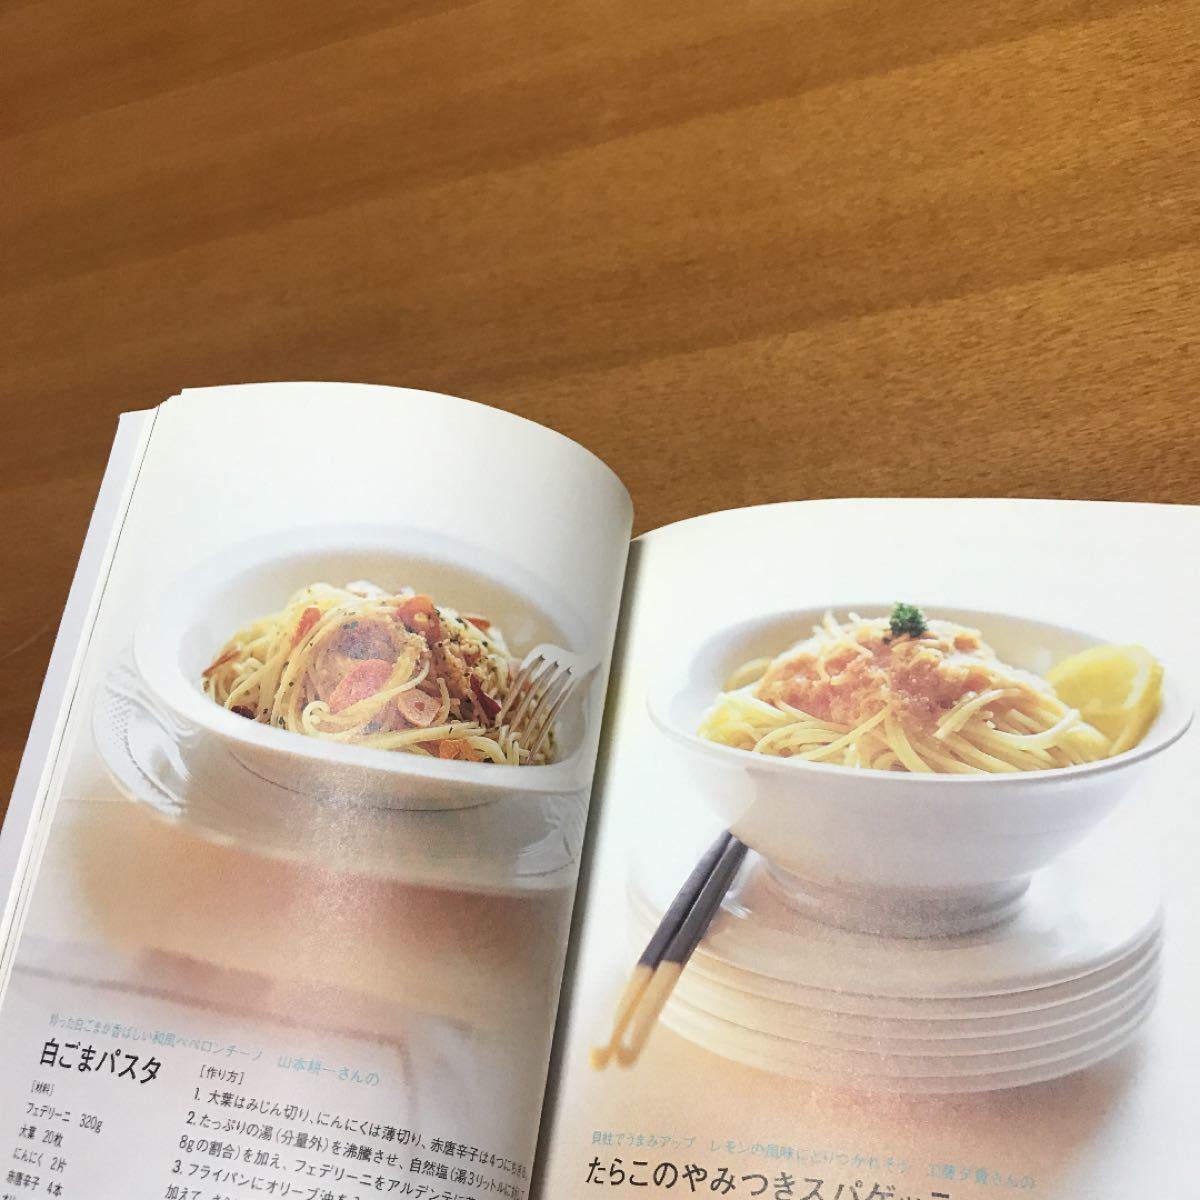 「料理バンザイ!」 20年レシピ 1982 since 2001/料理バンザイ! (編者)